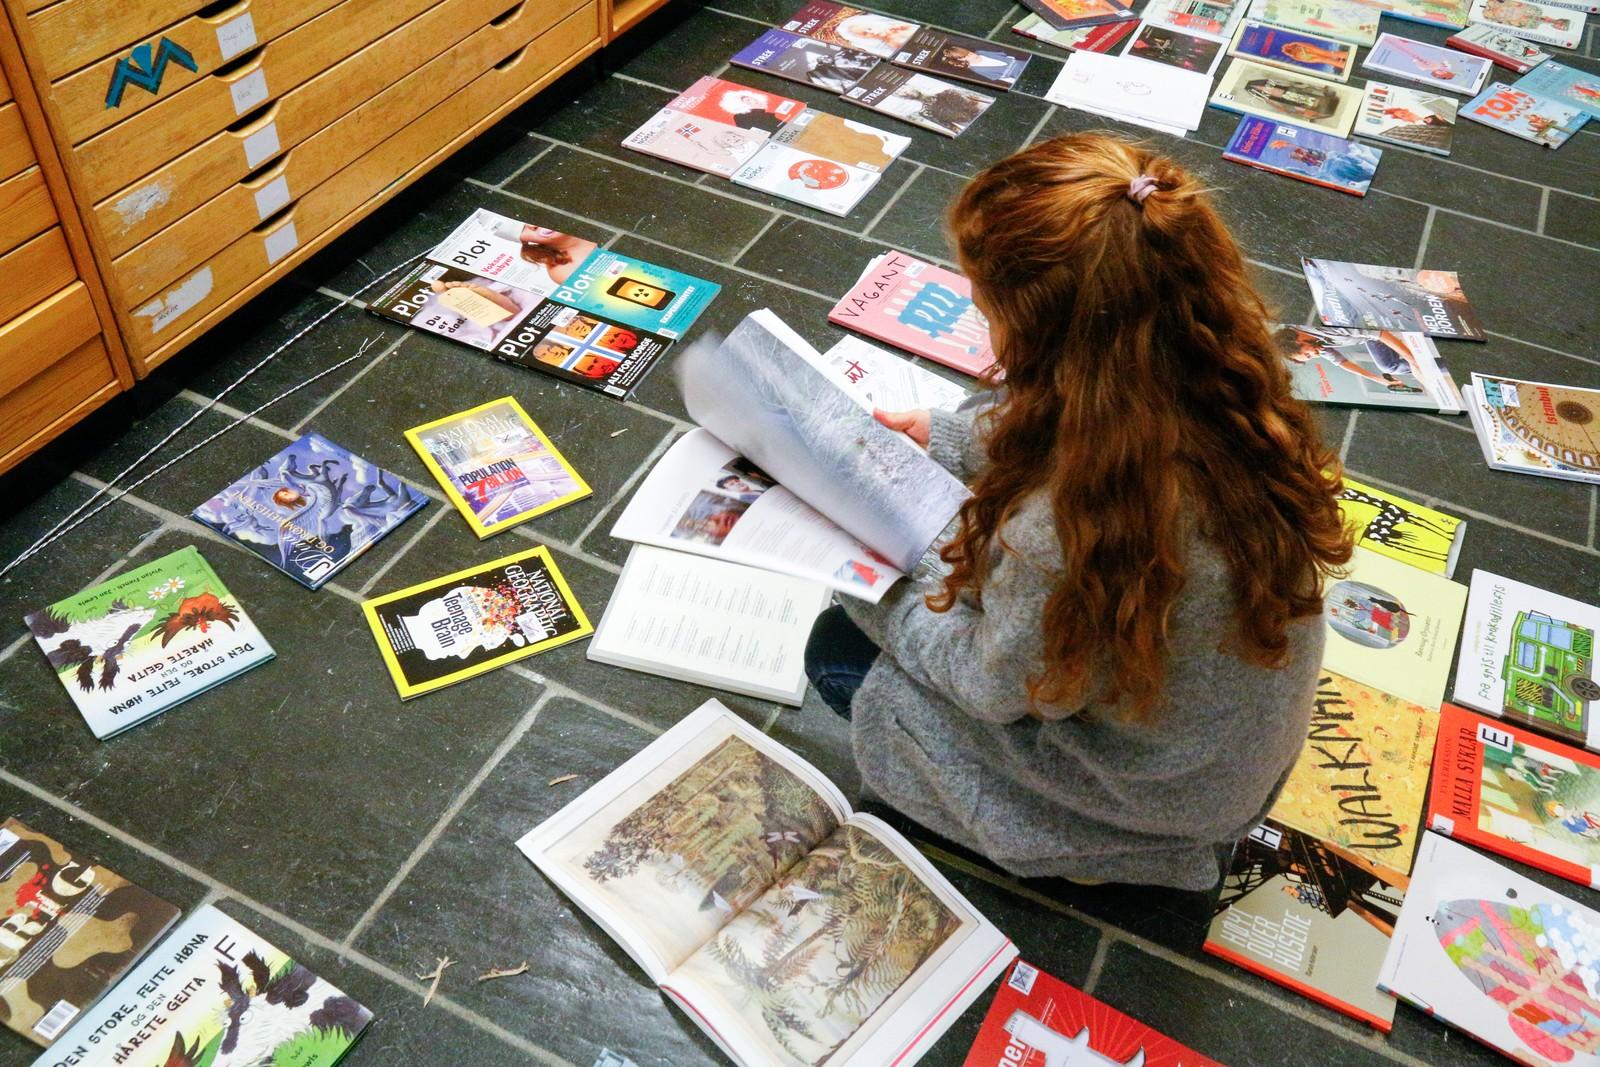 MYKJE Å VELJE I: Sara Båtevik (13) frå Jølster blar seg gjennom kasserte bildebøker og tidsskrift som Biblioteket i Førde har stilt til rådighet. - Det er mykje kjekkare å lage collage av dette enn reklameblada vi får utdelt på skulen når vi gjer det same der, seier Båtevik.